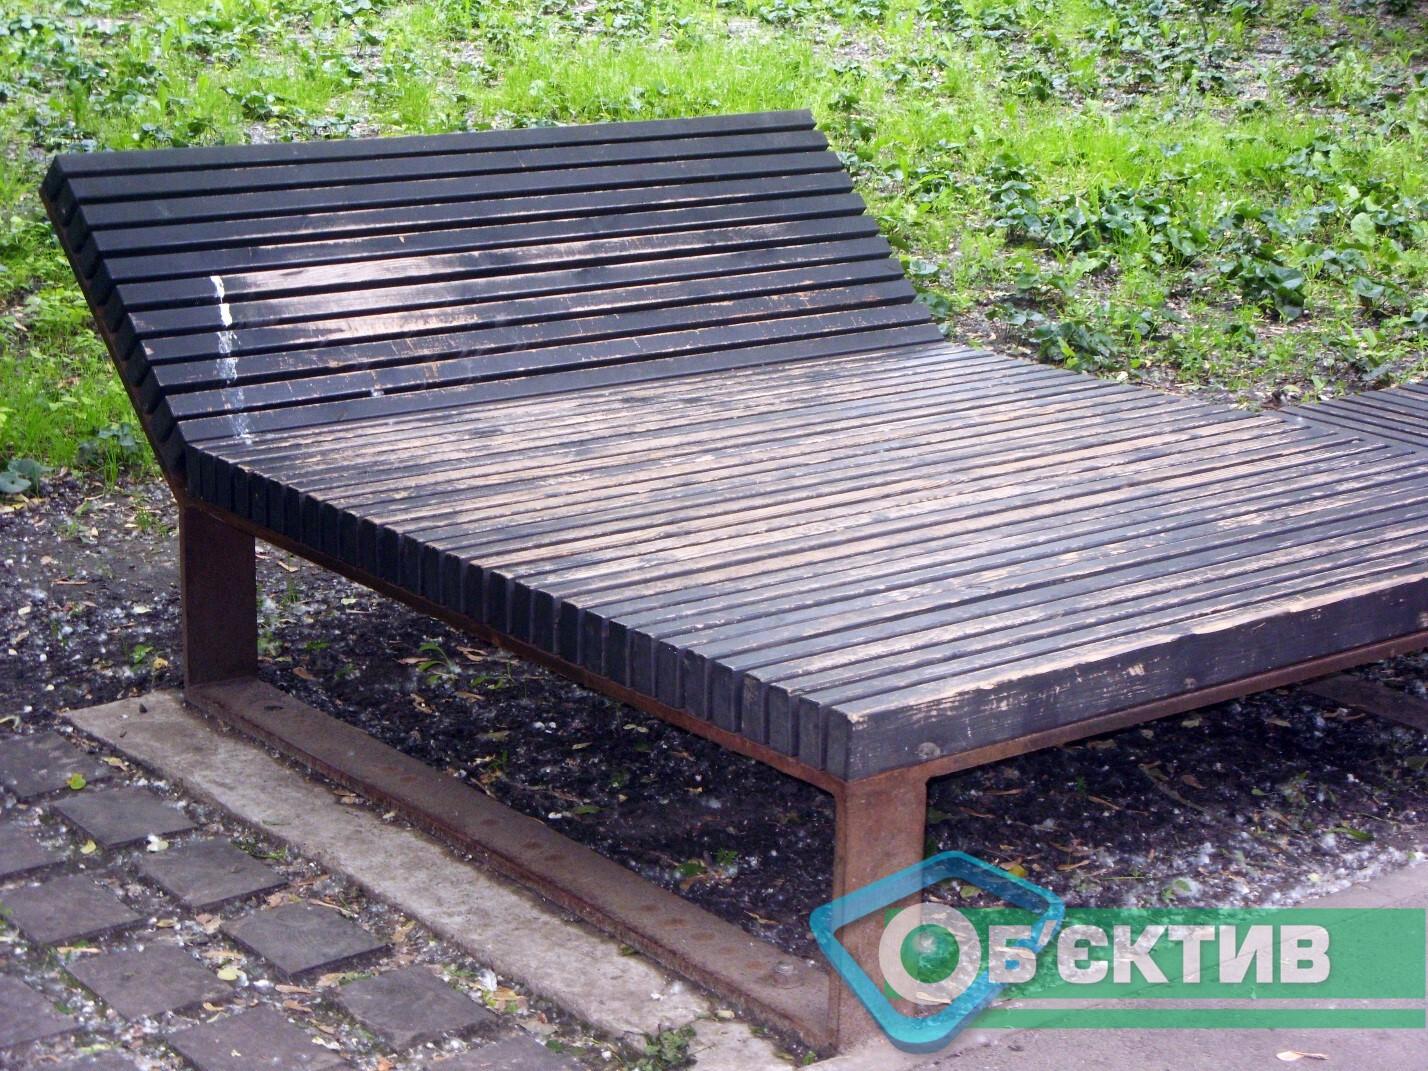 Деревянная лежанка в парке